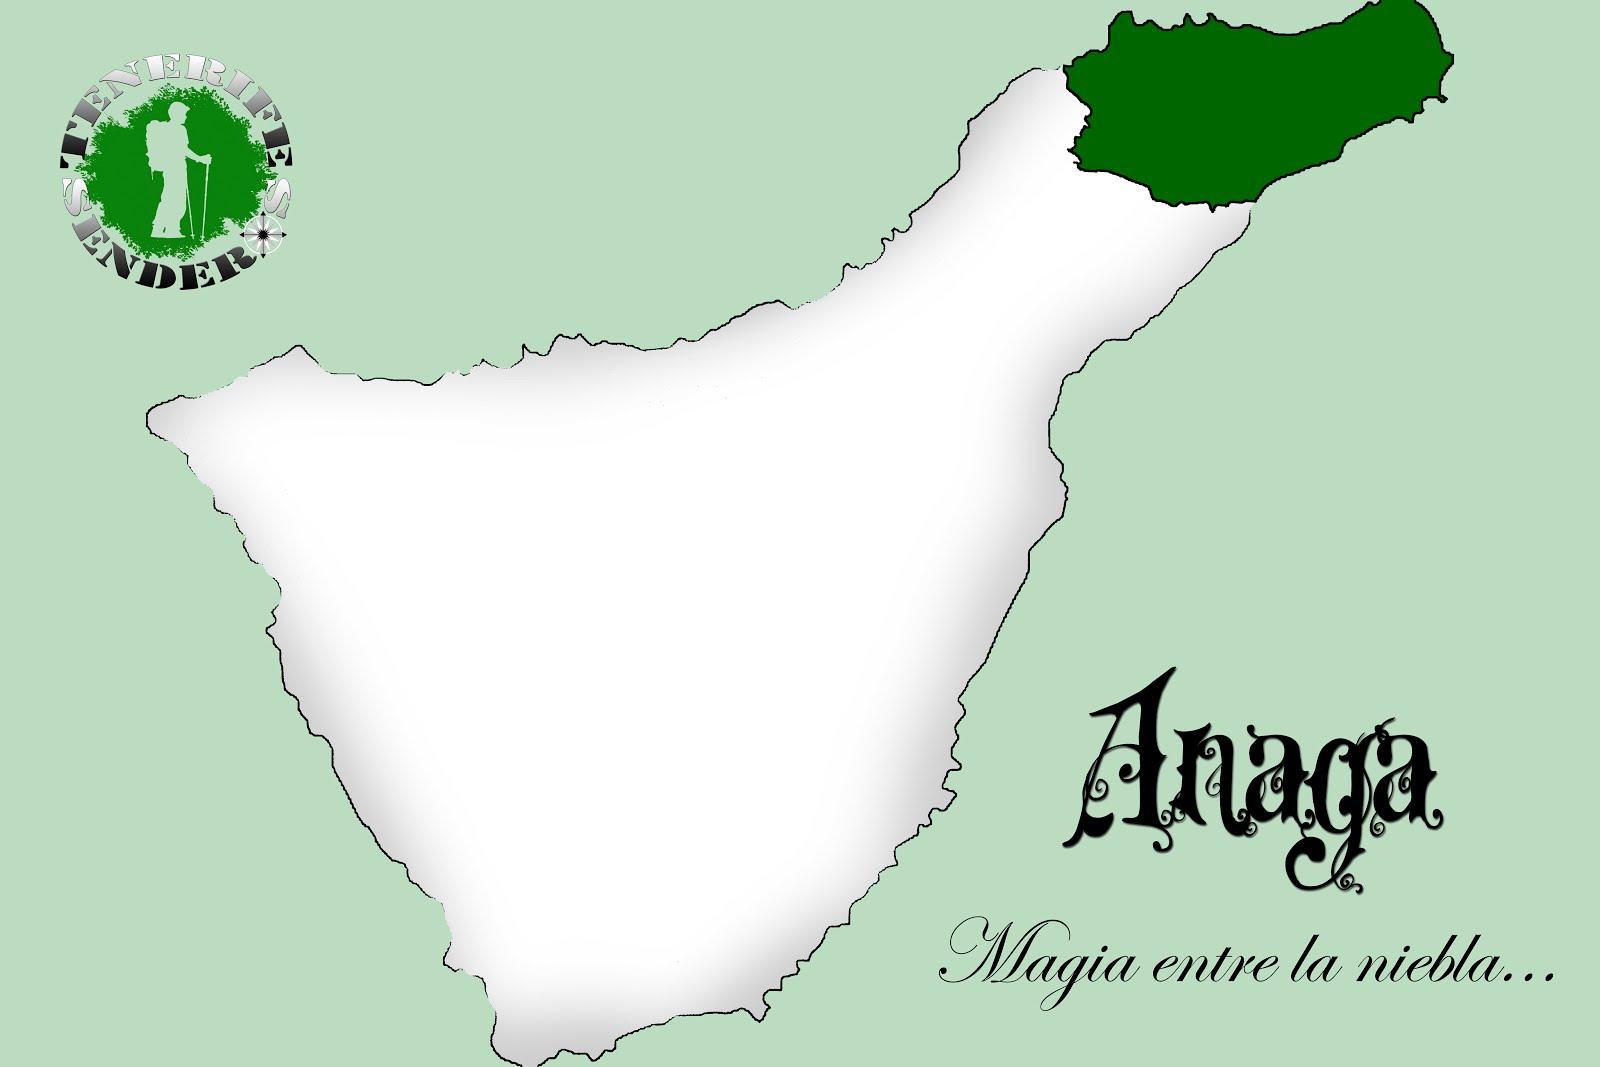 Anaga